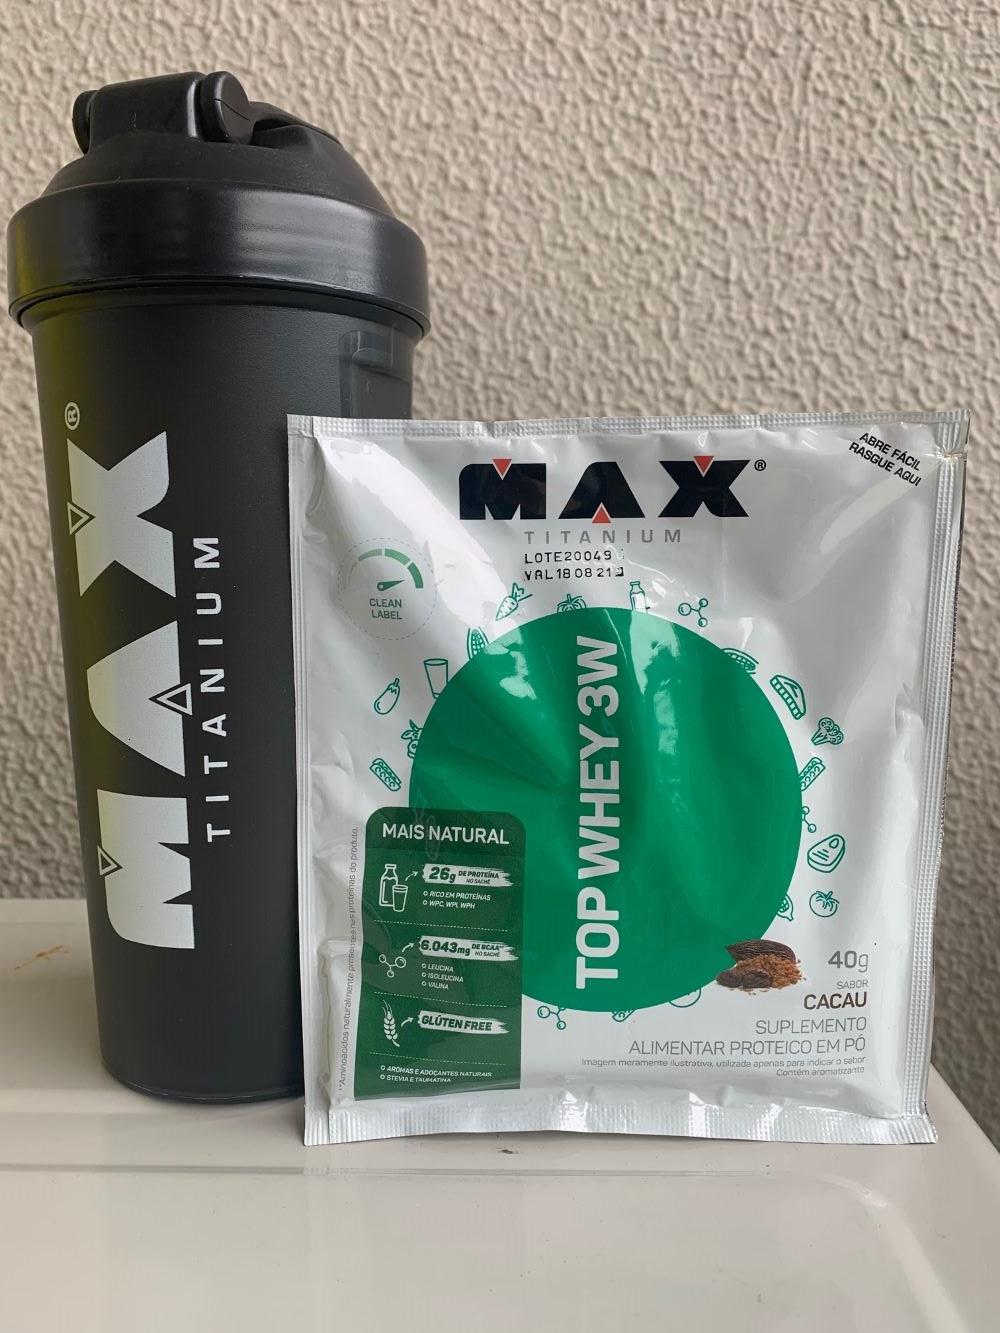 TOP WHEY 3W CACAU SACHÊ 40G (MAIS NATURAL) - MAX TITANIUM